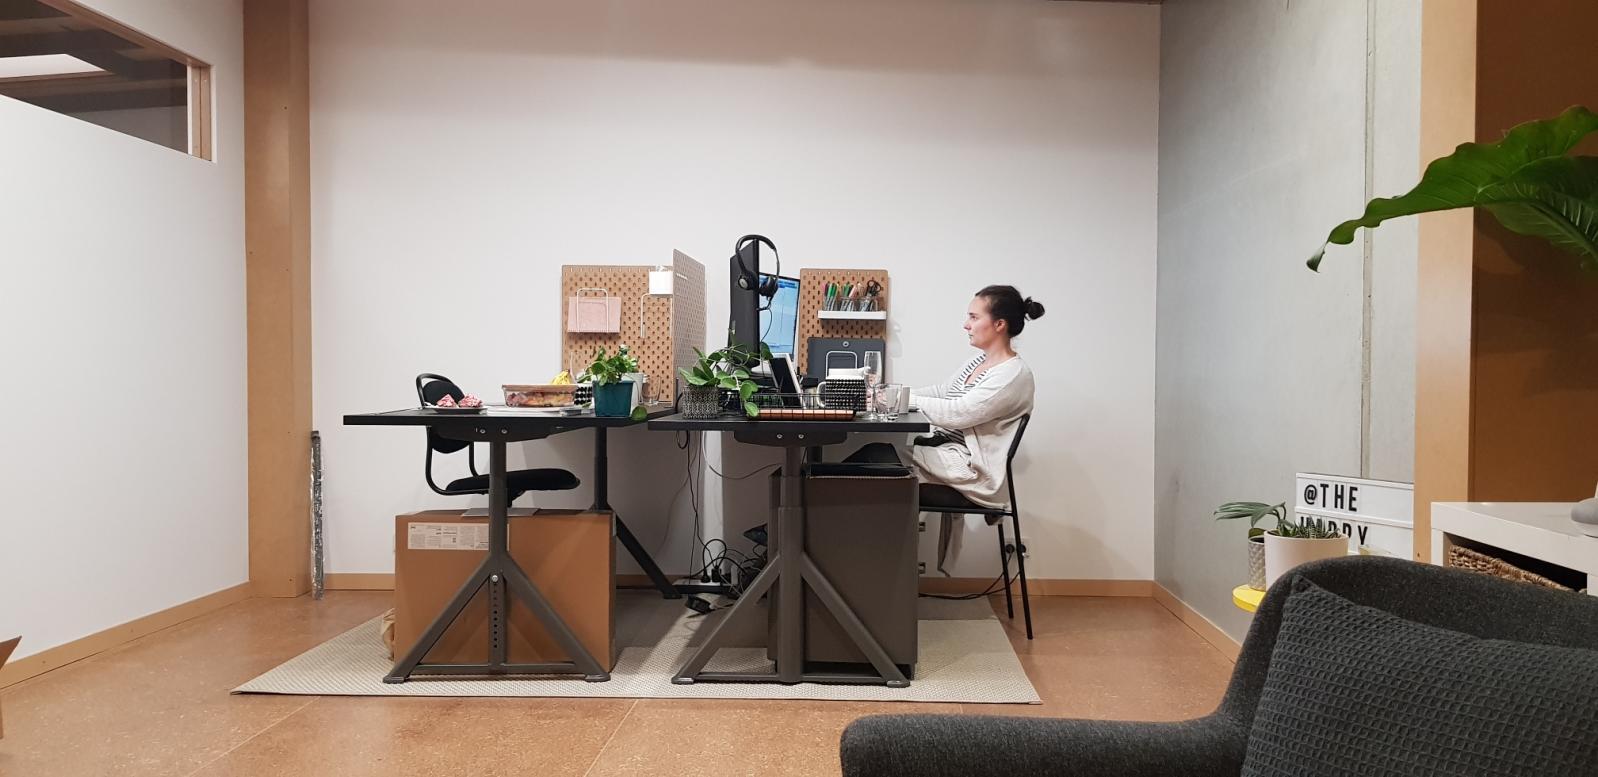 Stacey Micallef Working on a WordPress Website